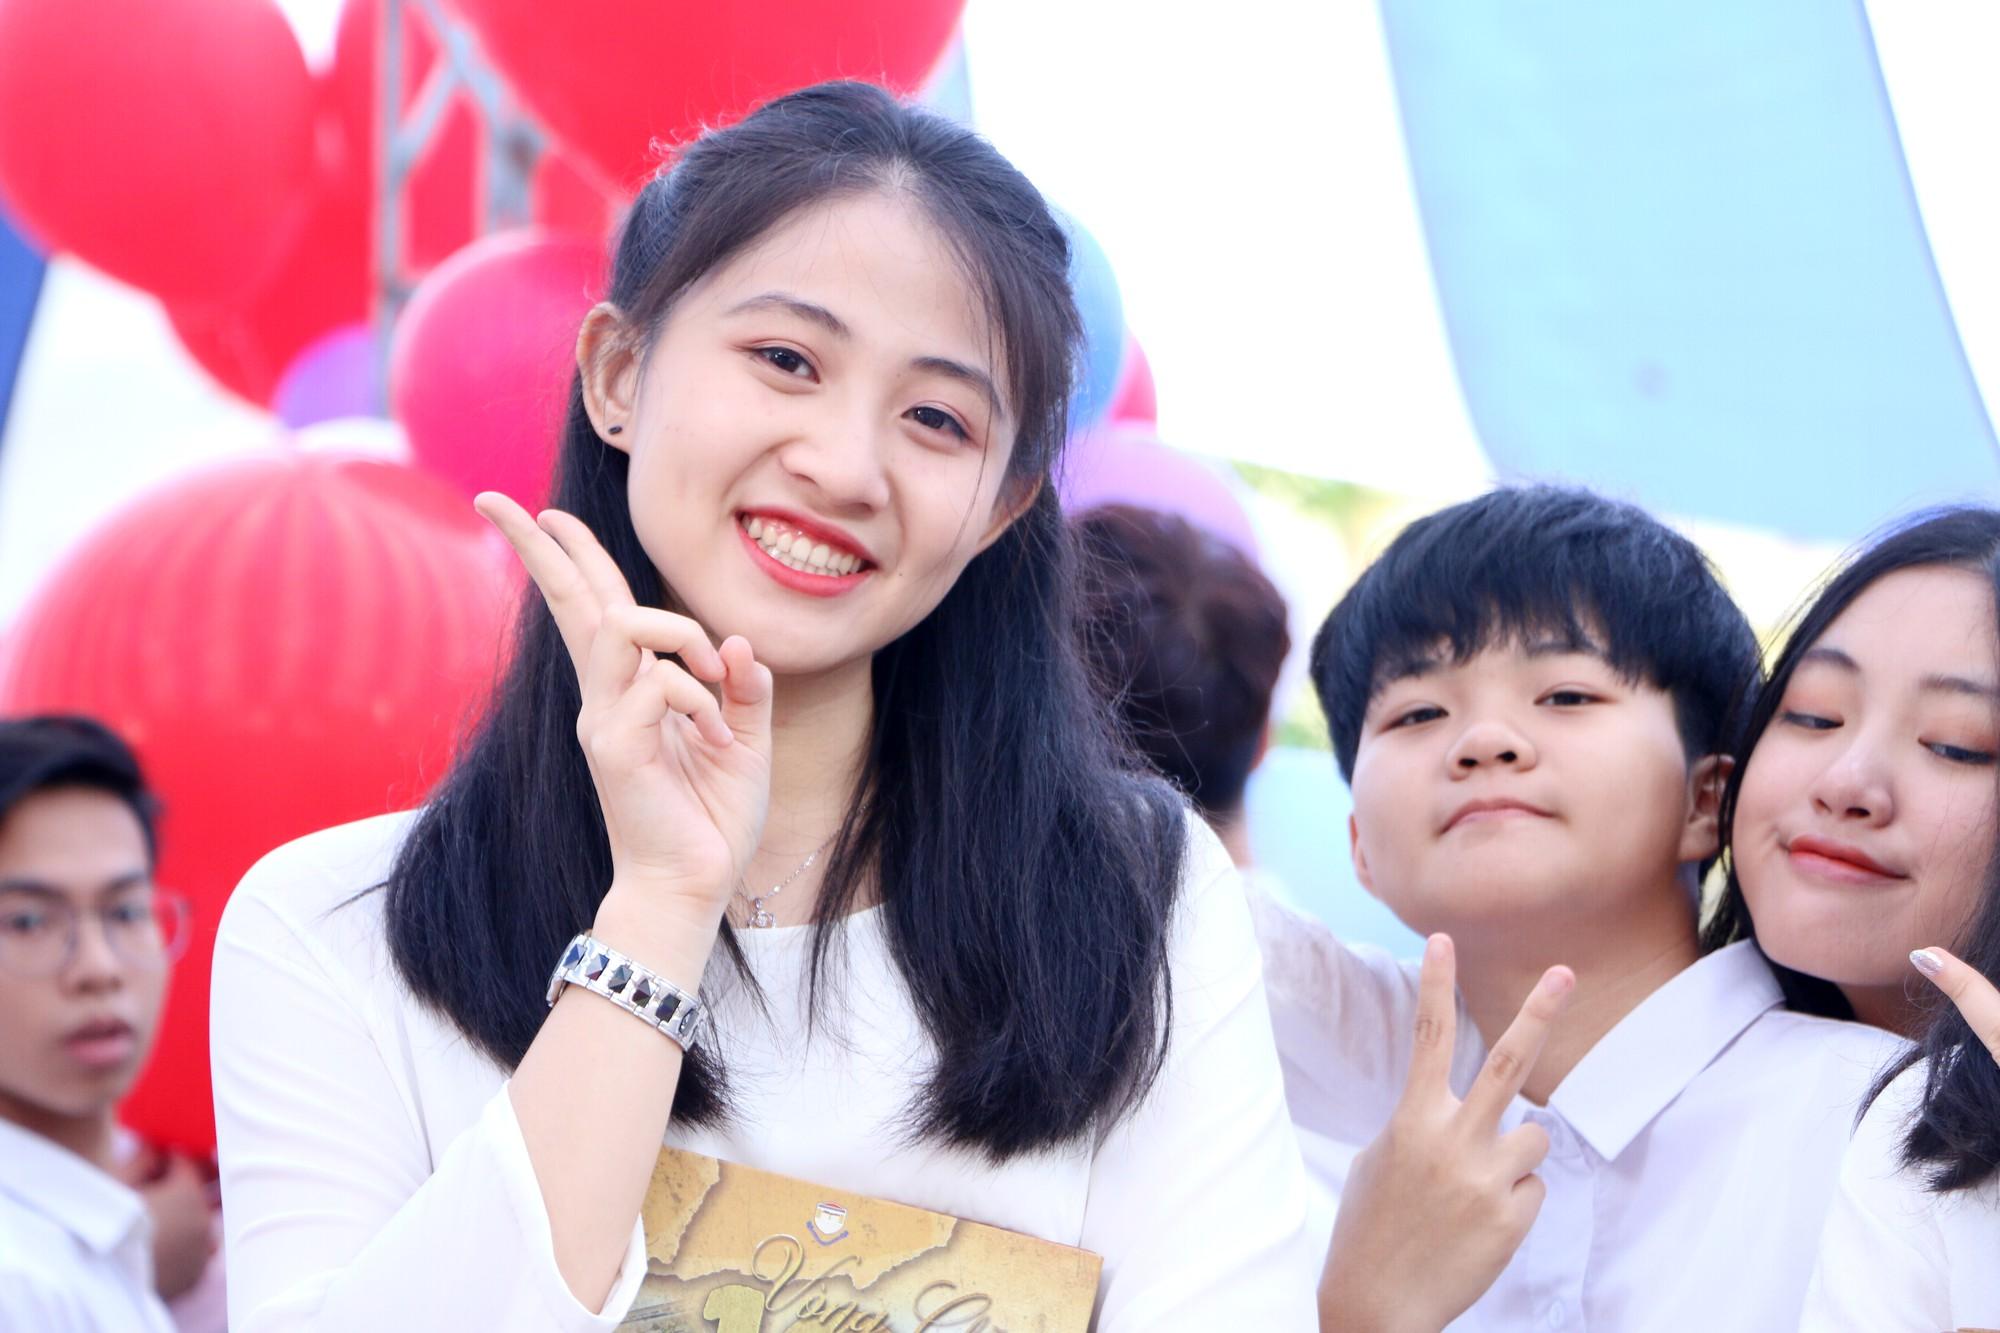 Ngắm nữ sinh Trường Chu Văn An duyên dáng, đẹp tinh khôi trong ngày bế giảng - Ảnh 6.